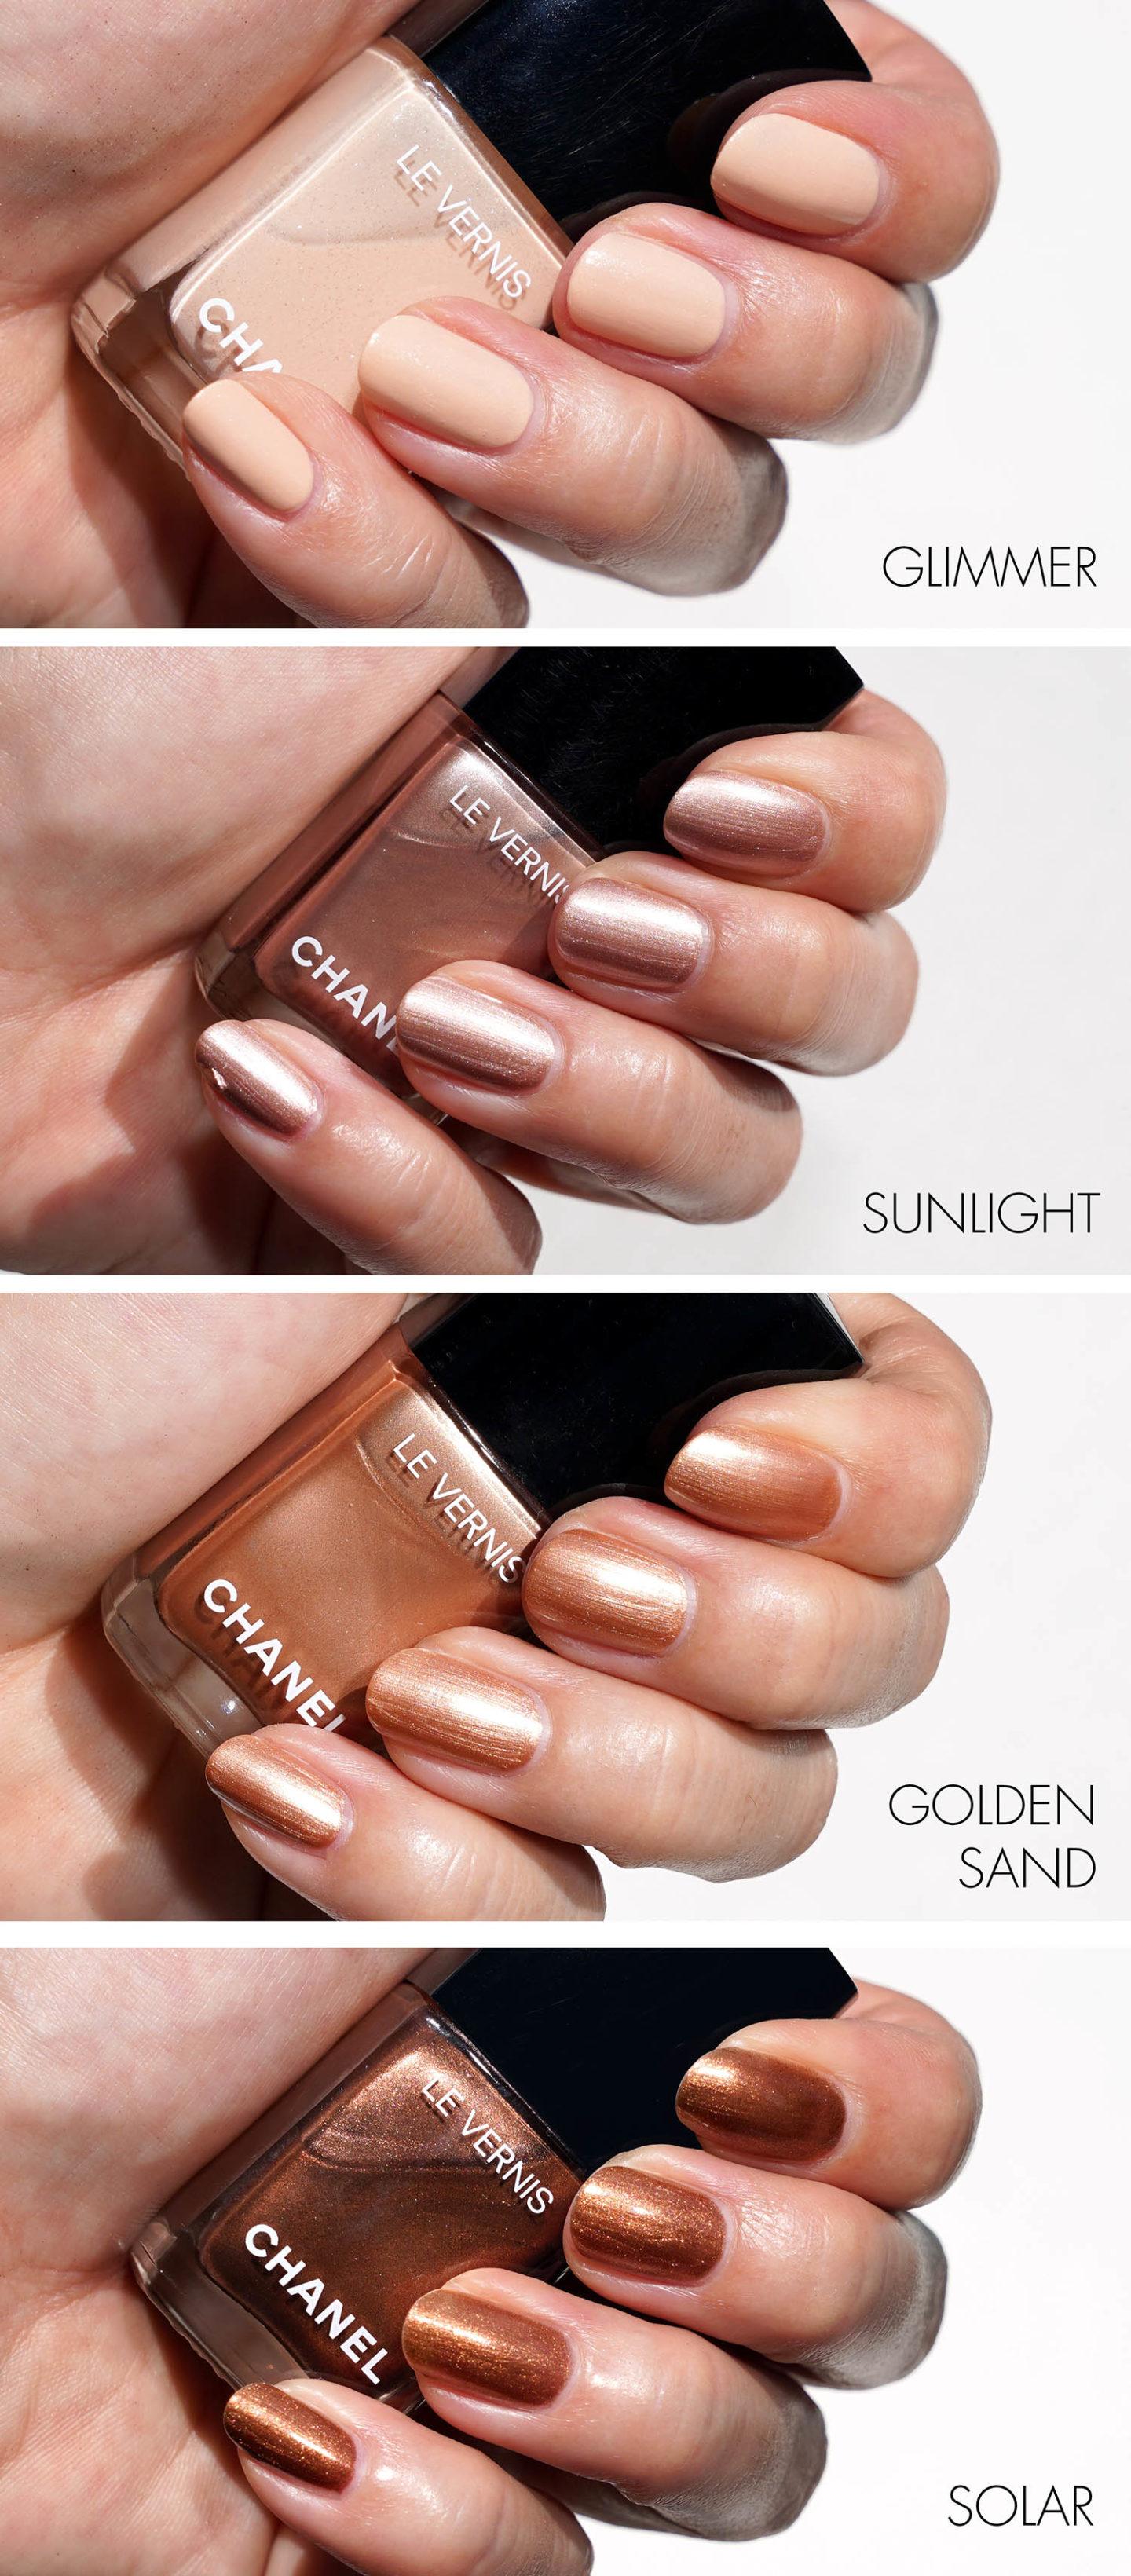 Chanel Les Beiges Le Vernis Glimmer, Sunlight, Golden Sand et Solar Swatches